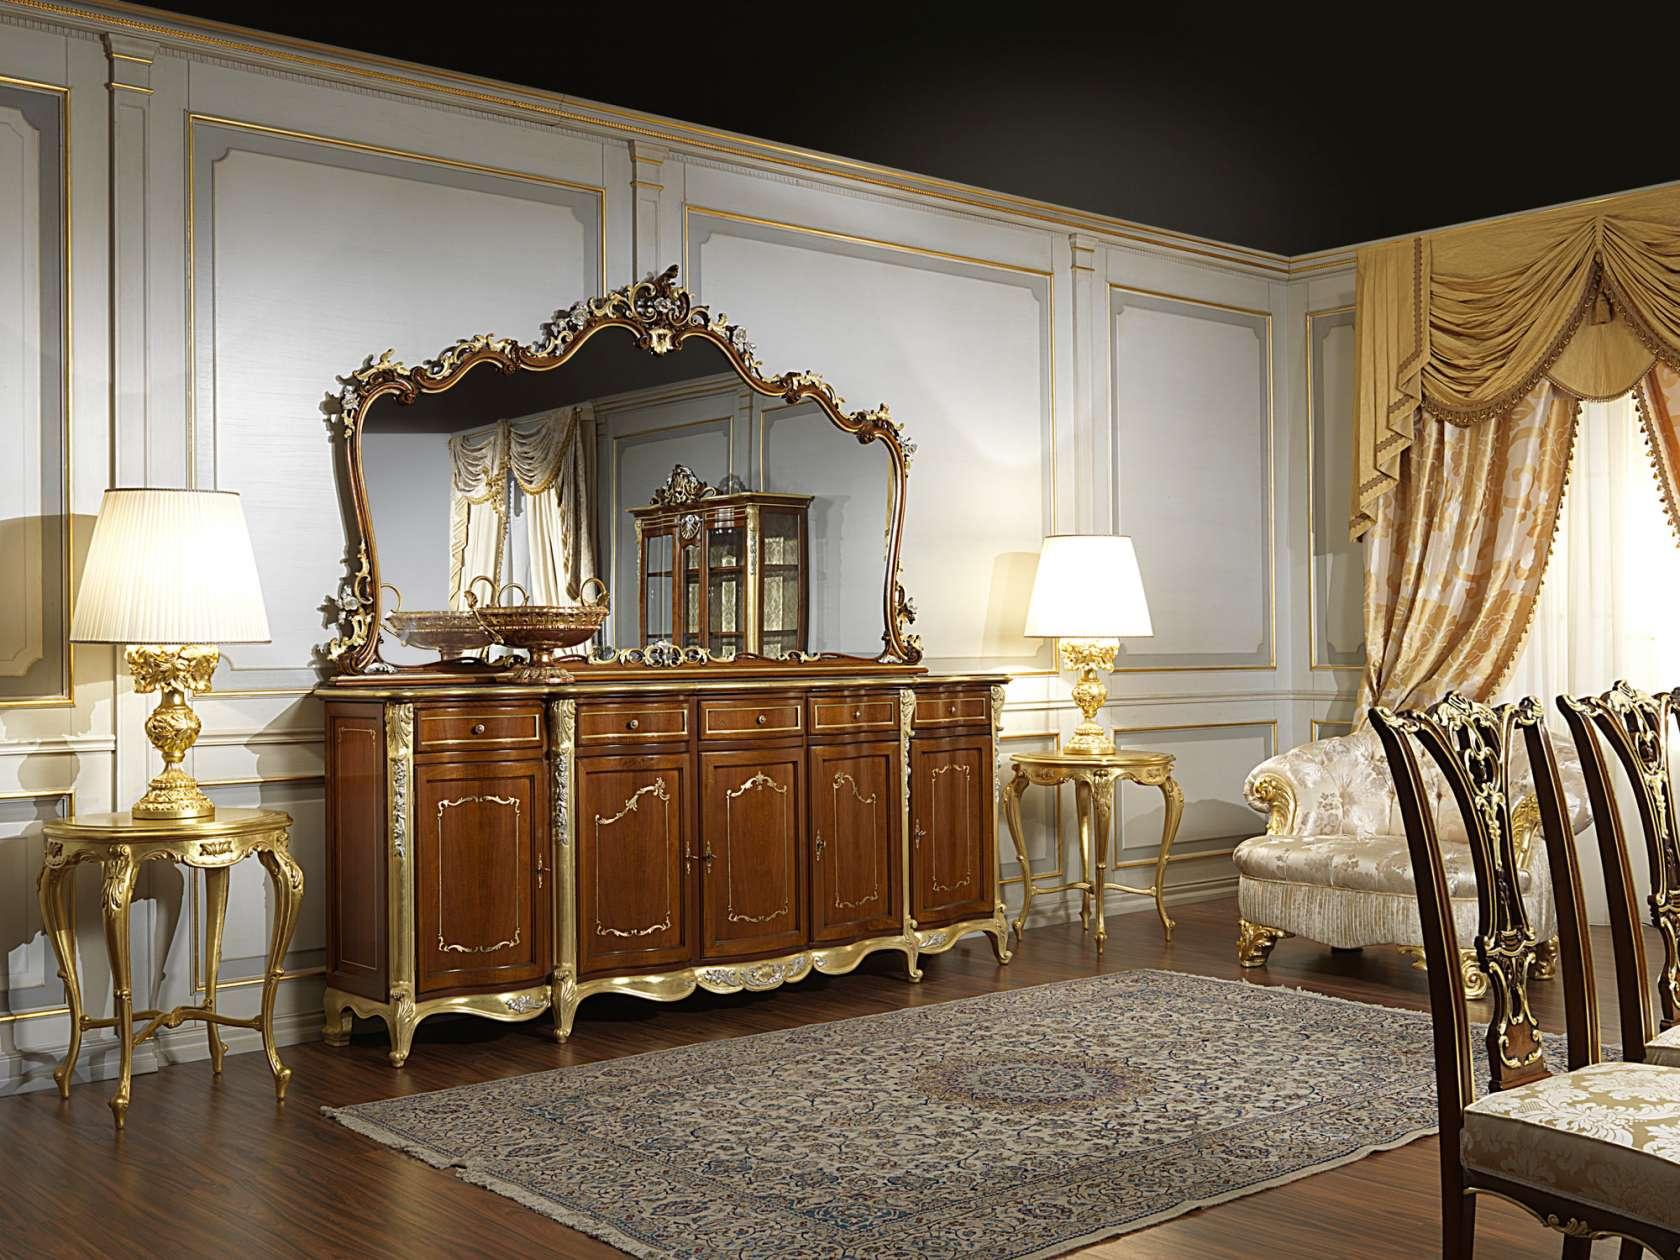 Credenza Per Sala Da Pranzo : Credenza classica sala da pranzo in stile luigi xv vimercati